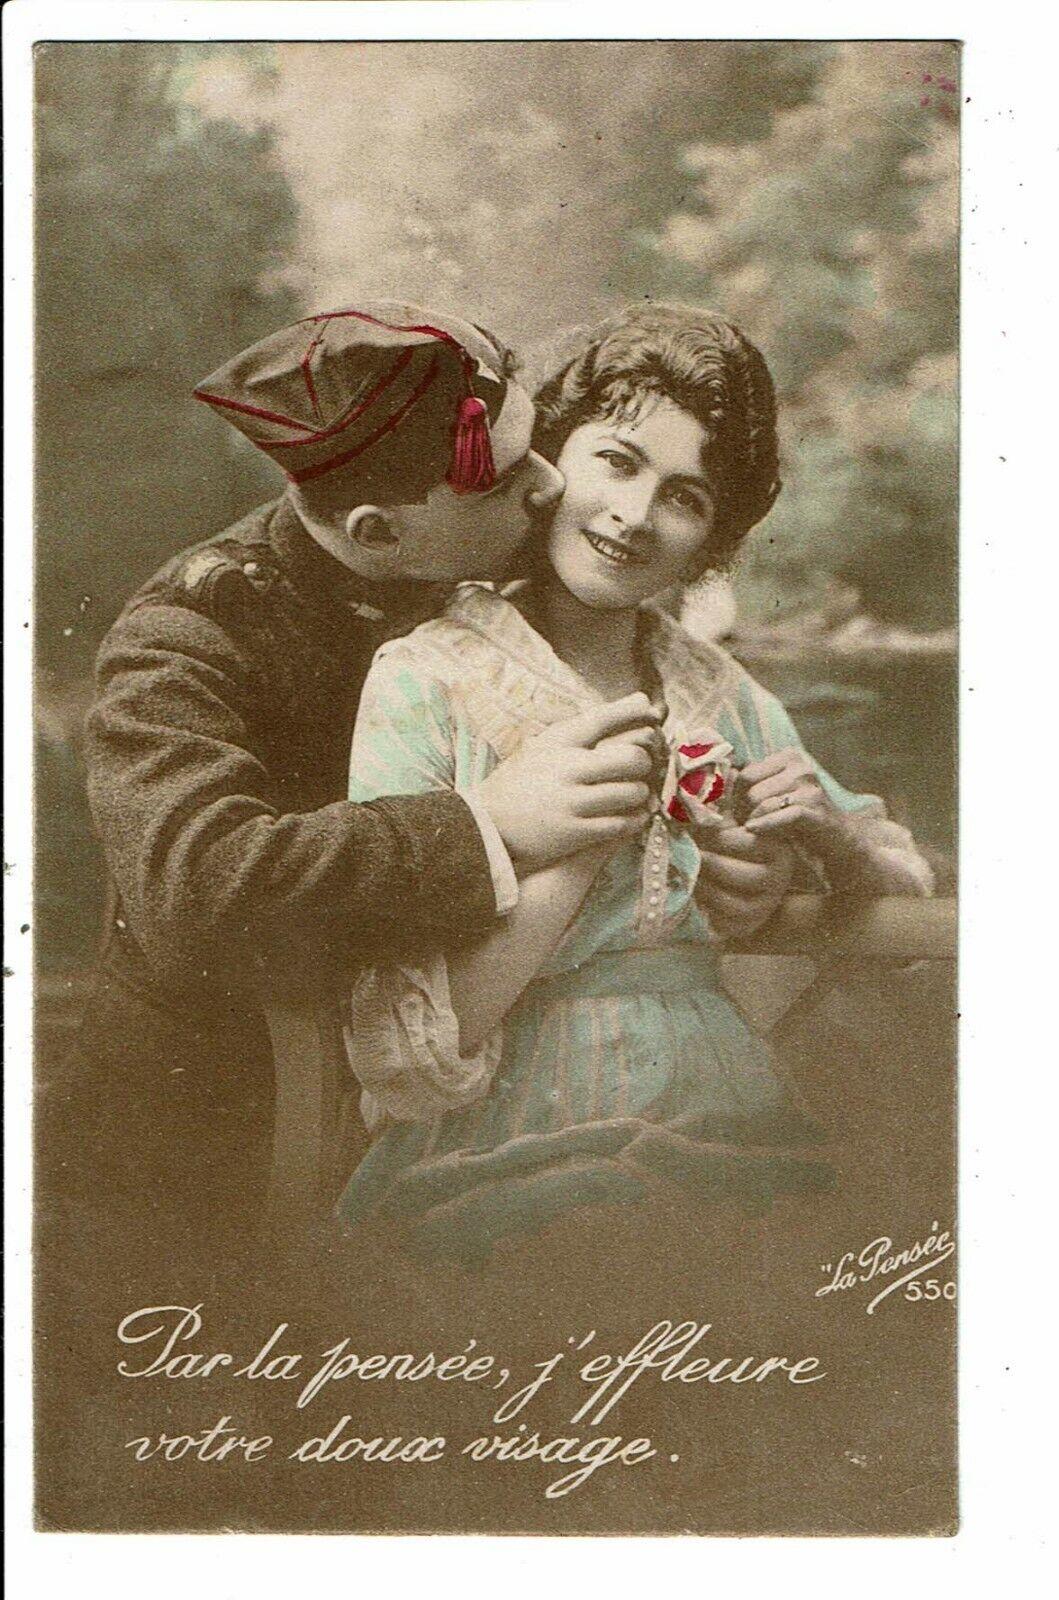 CPA-Carte Postale -FRANCE-Couple Par la pensée,j'effleure votre doux visage